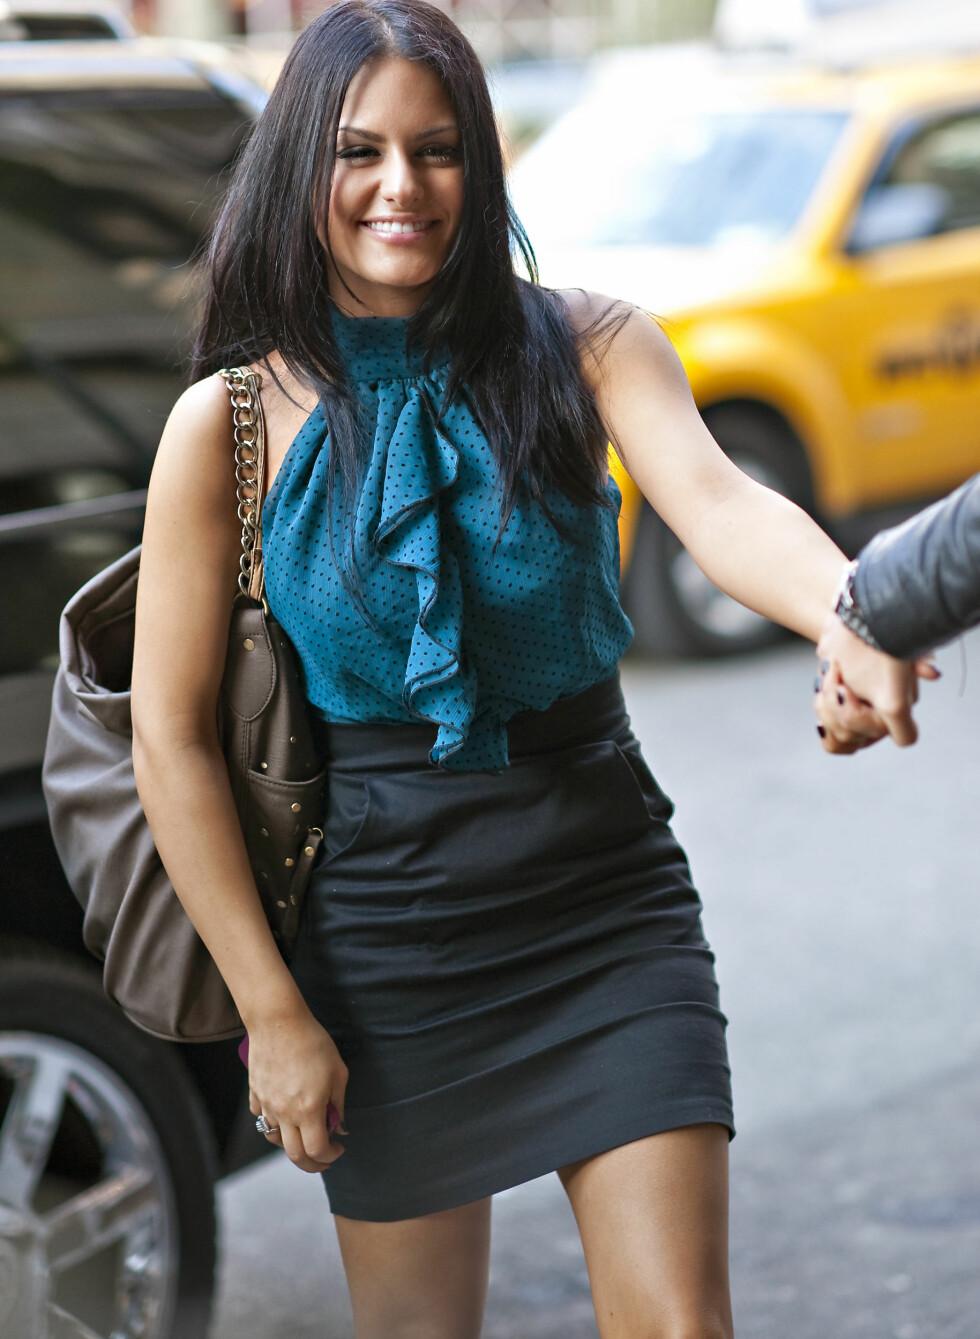 Pia Toscano går for en ermløs blå bluse med prikker og et svart miniskjørt med høyt liv. Foto: All Over Press